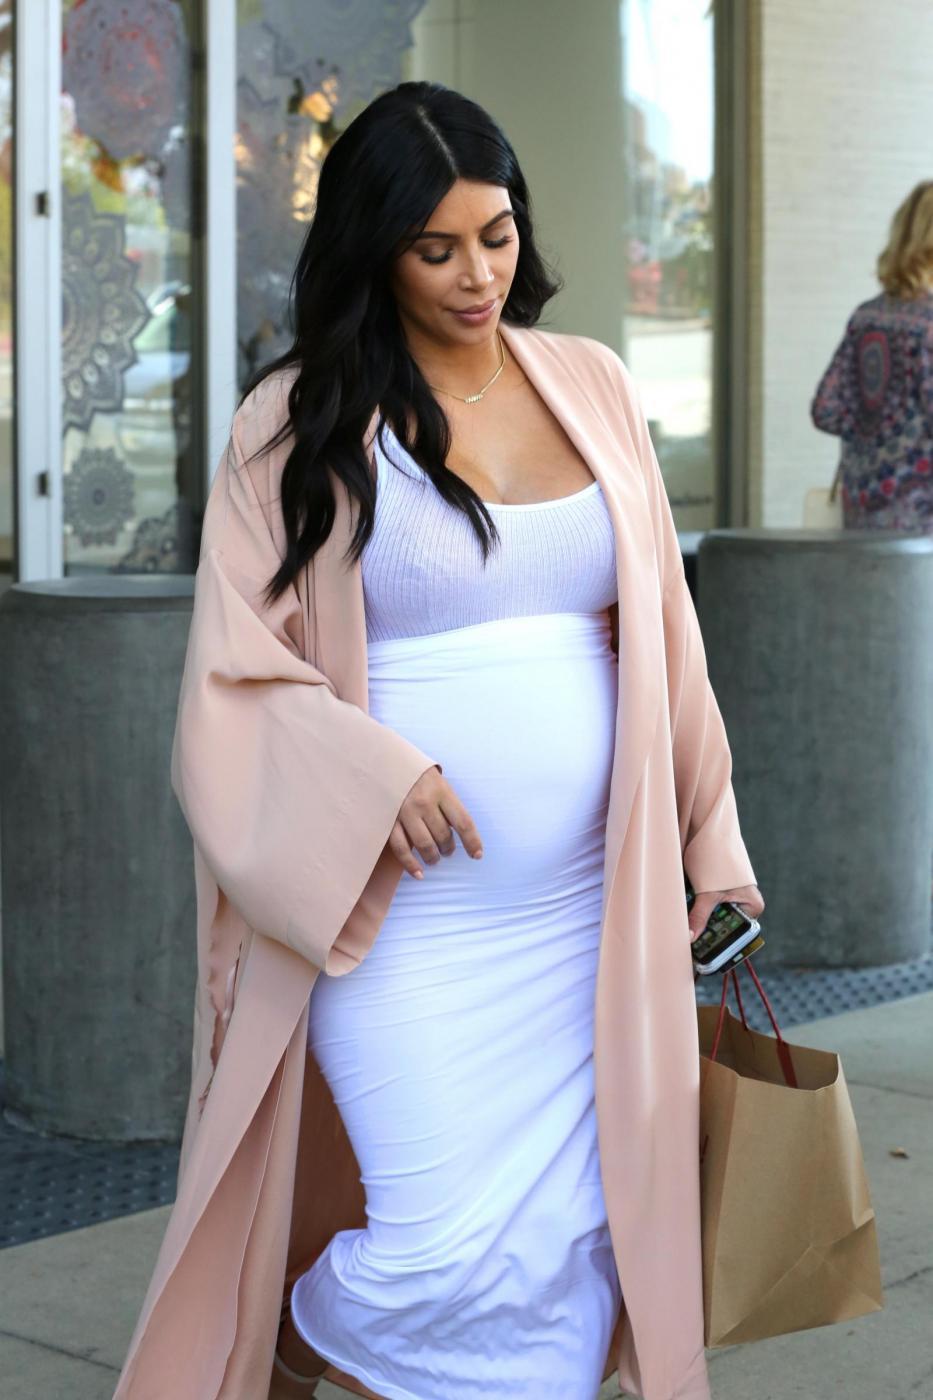 Kim Kardashian, abito super aderente in gravidanza FOTO 1